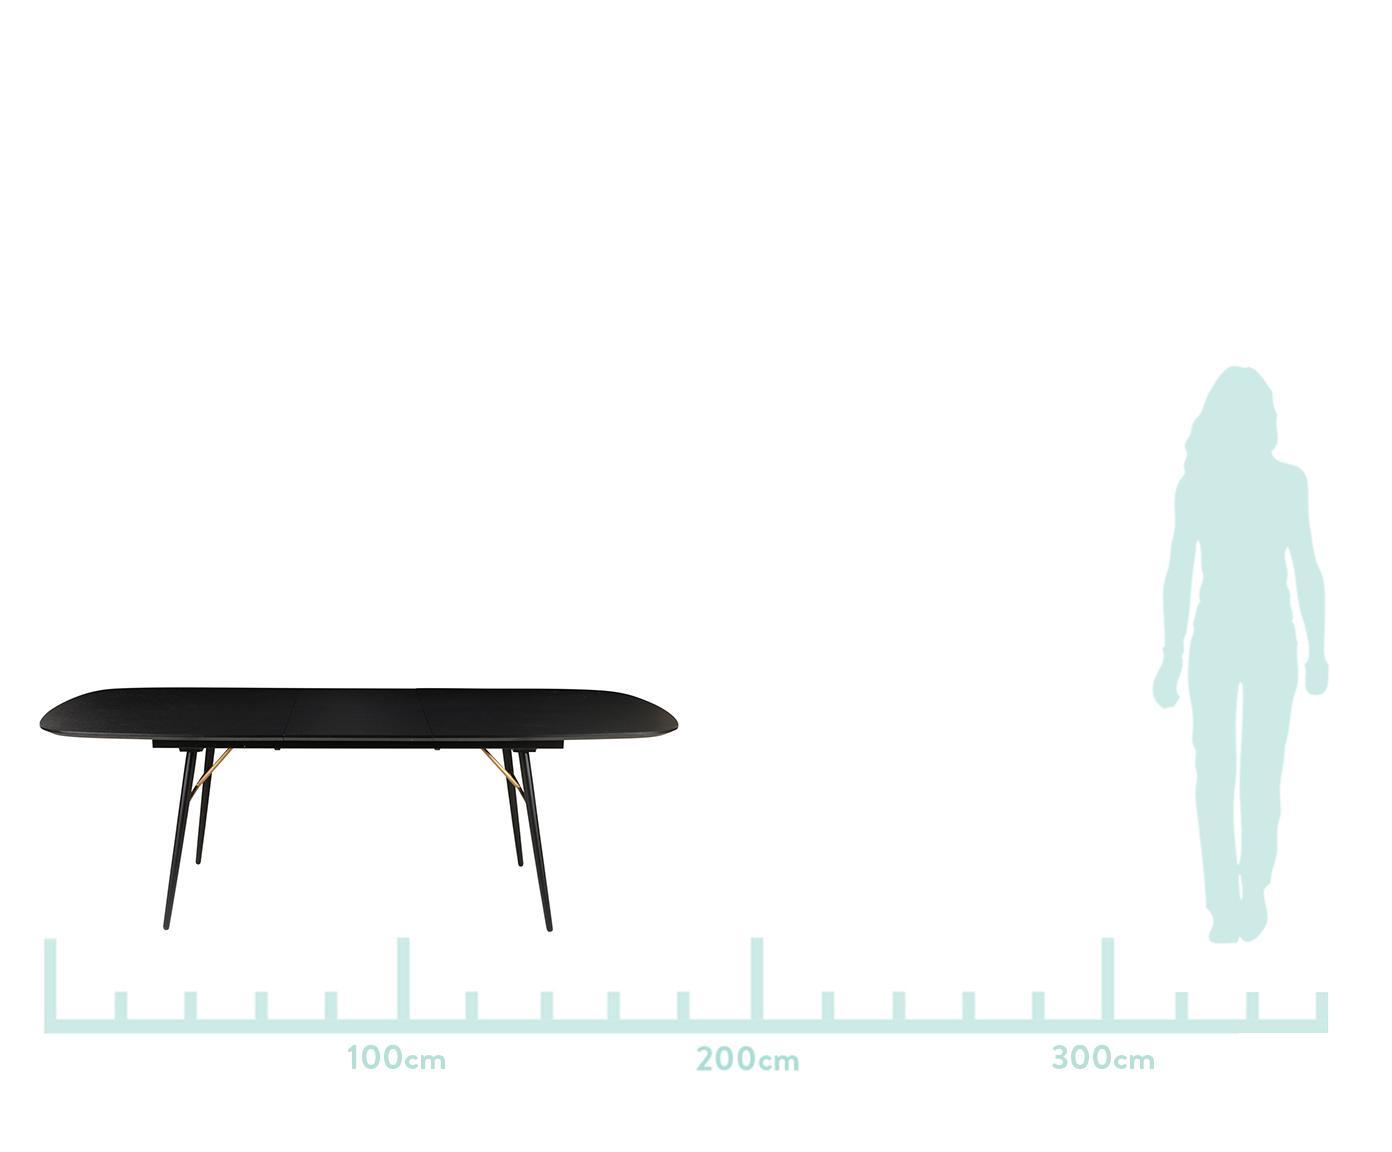 Ausziehbarer Esstisch Verona in Schwarz, Tischplatte: Mitteldichte Holzfaserpla, Schwarz, Messing, B 180 x T 105 cm